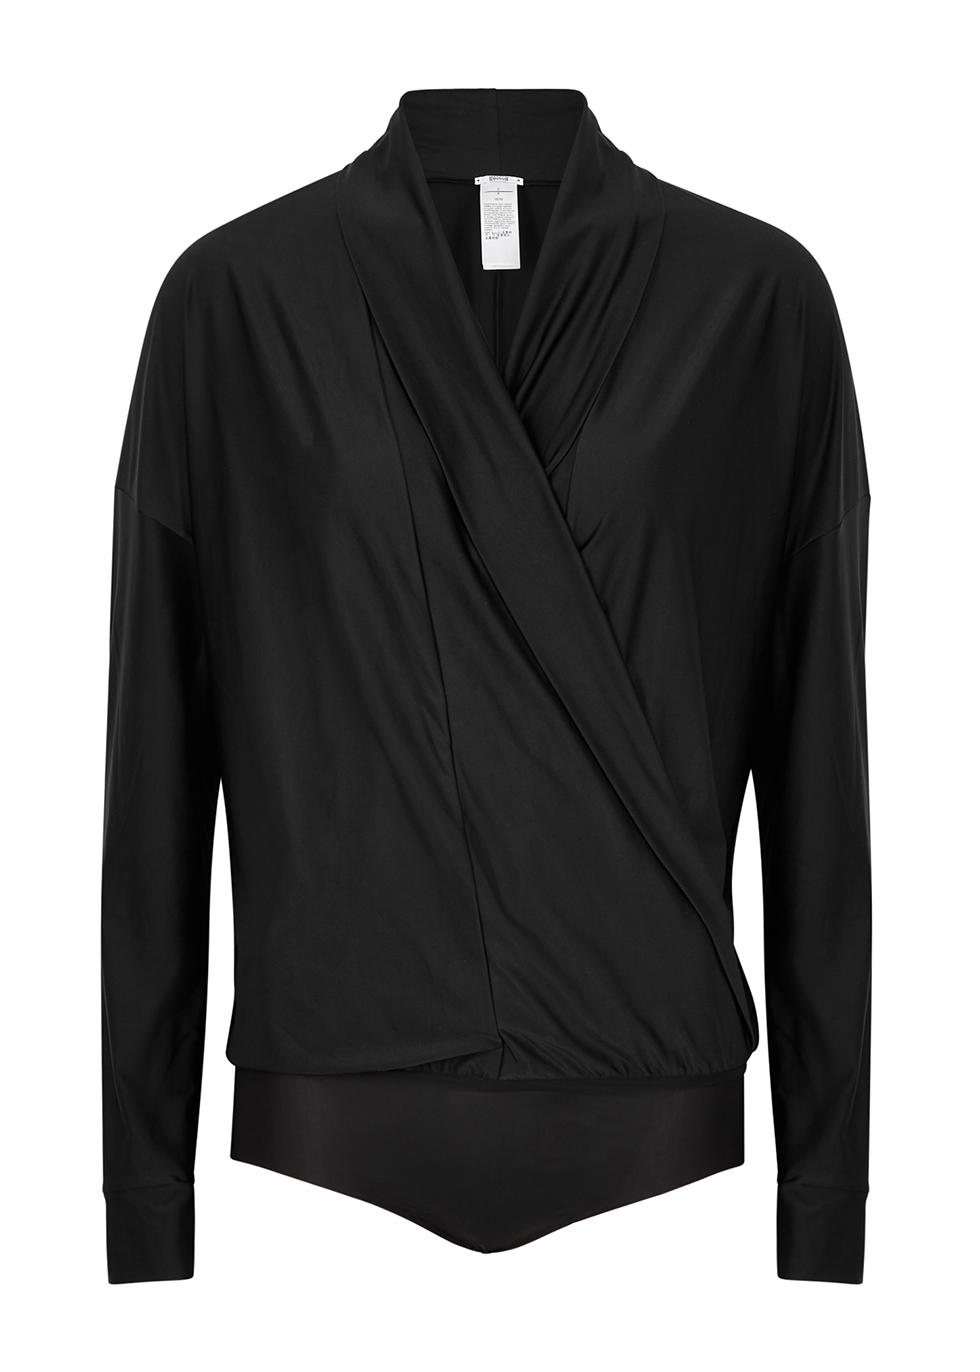 Shannon black wrap satin-jersey bodysuit